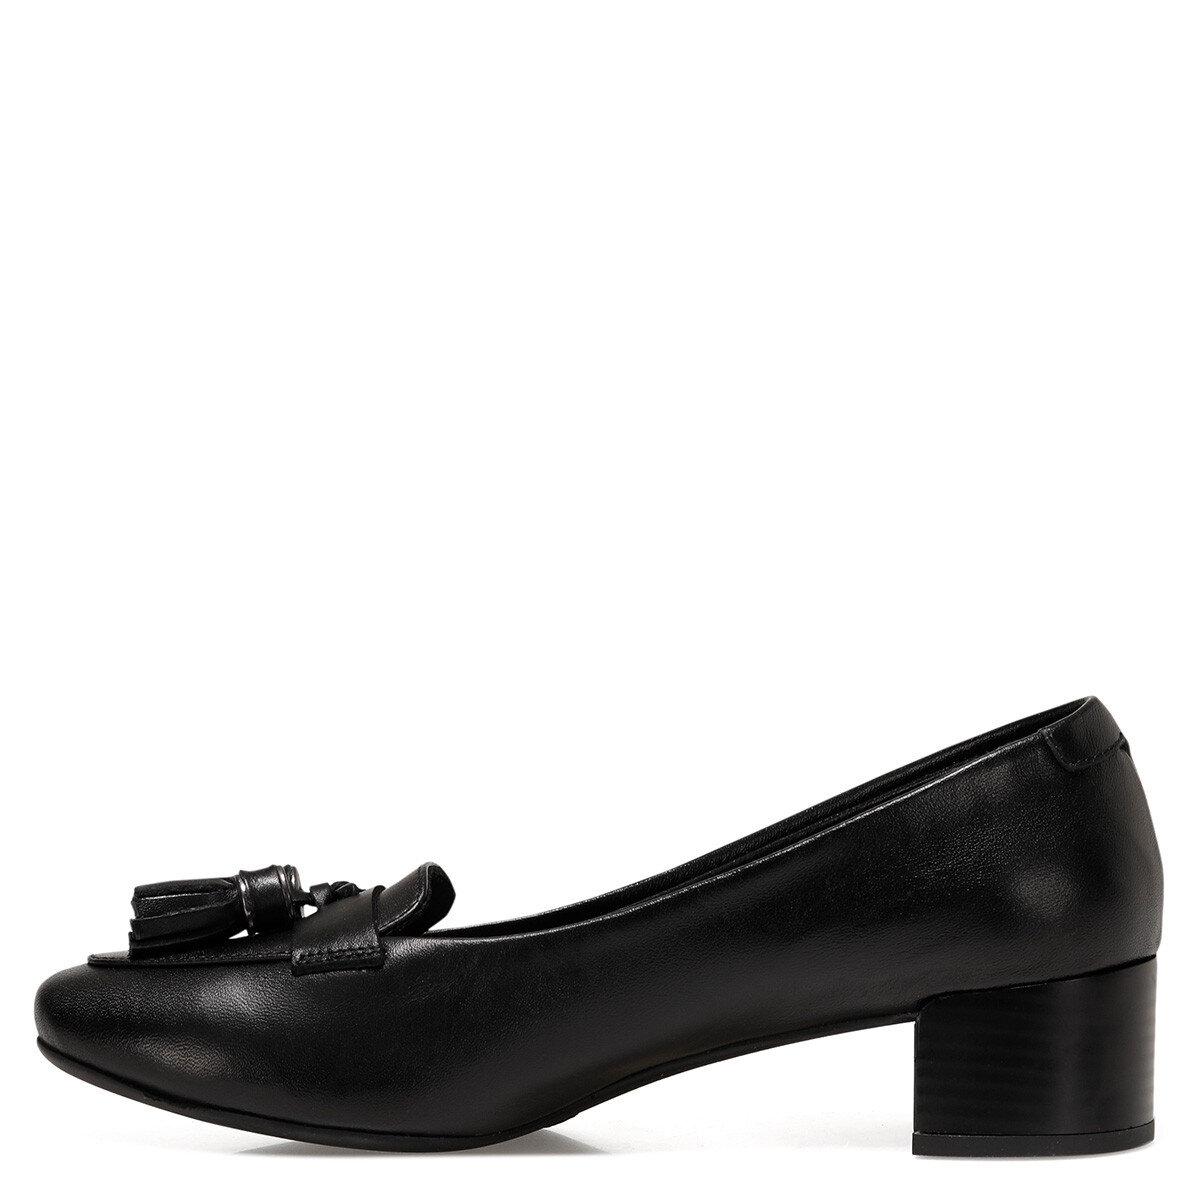 MOSSE2 Siyah Kadın Klasik Topuklu Ayakkabı